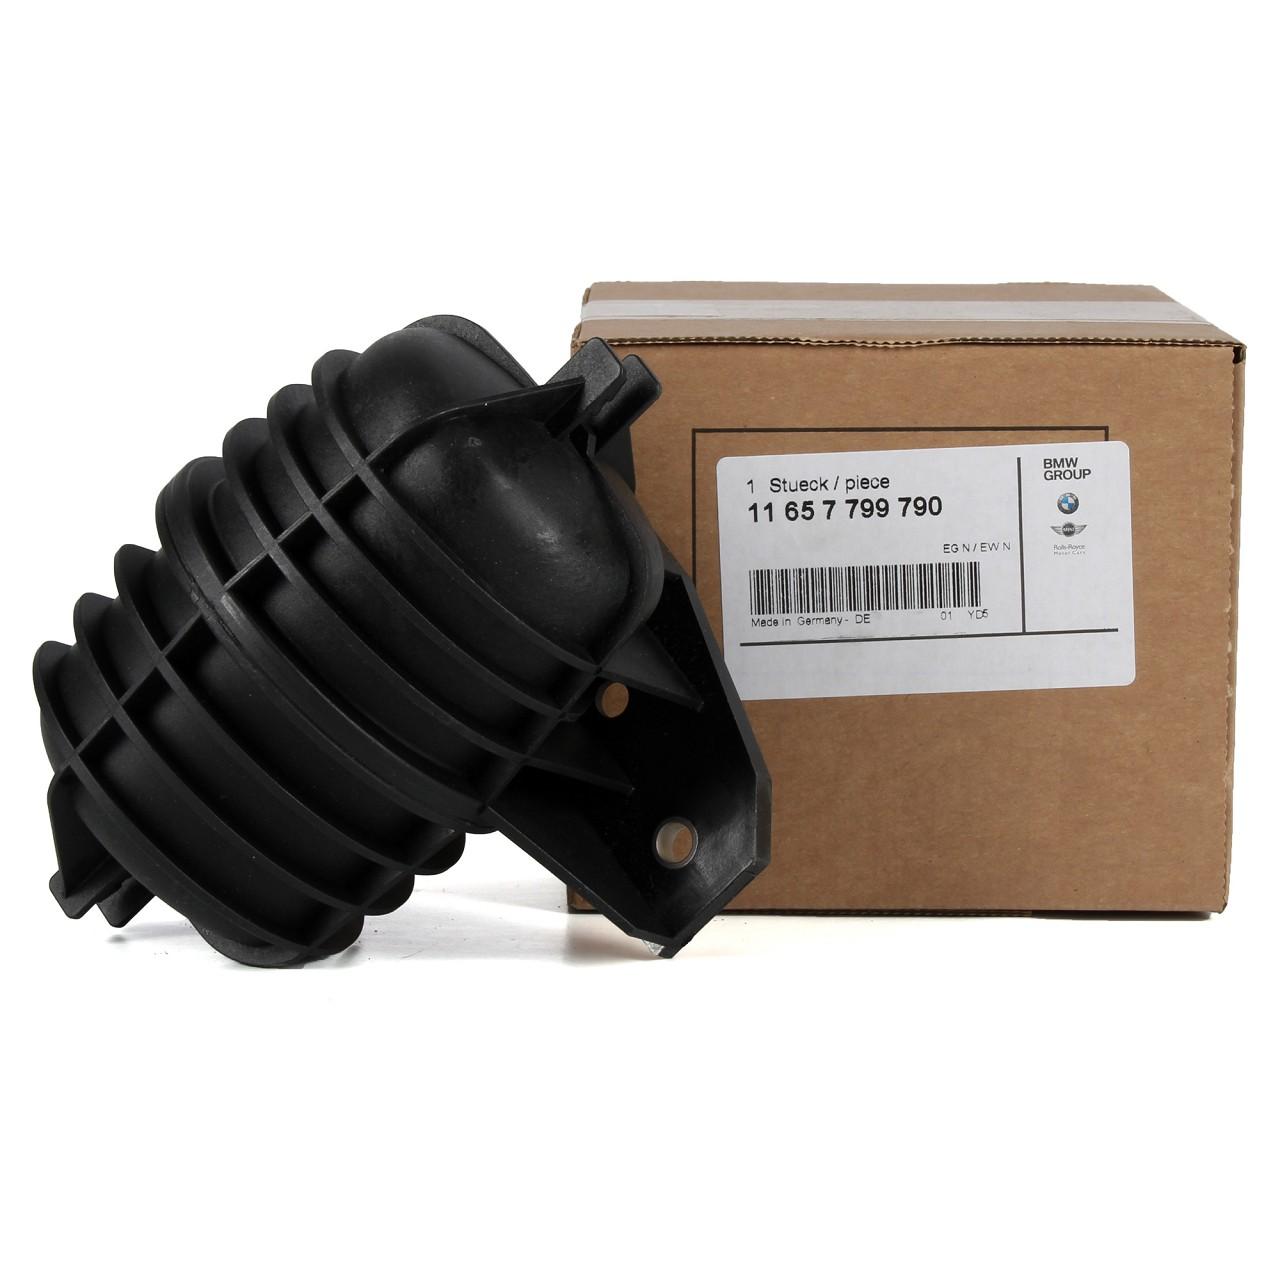 ORIGINAL BMW Unterdruckdose Unterdruckbehälter Druckbehälter 11657799790